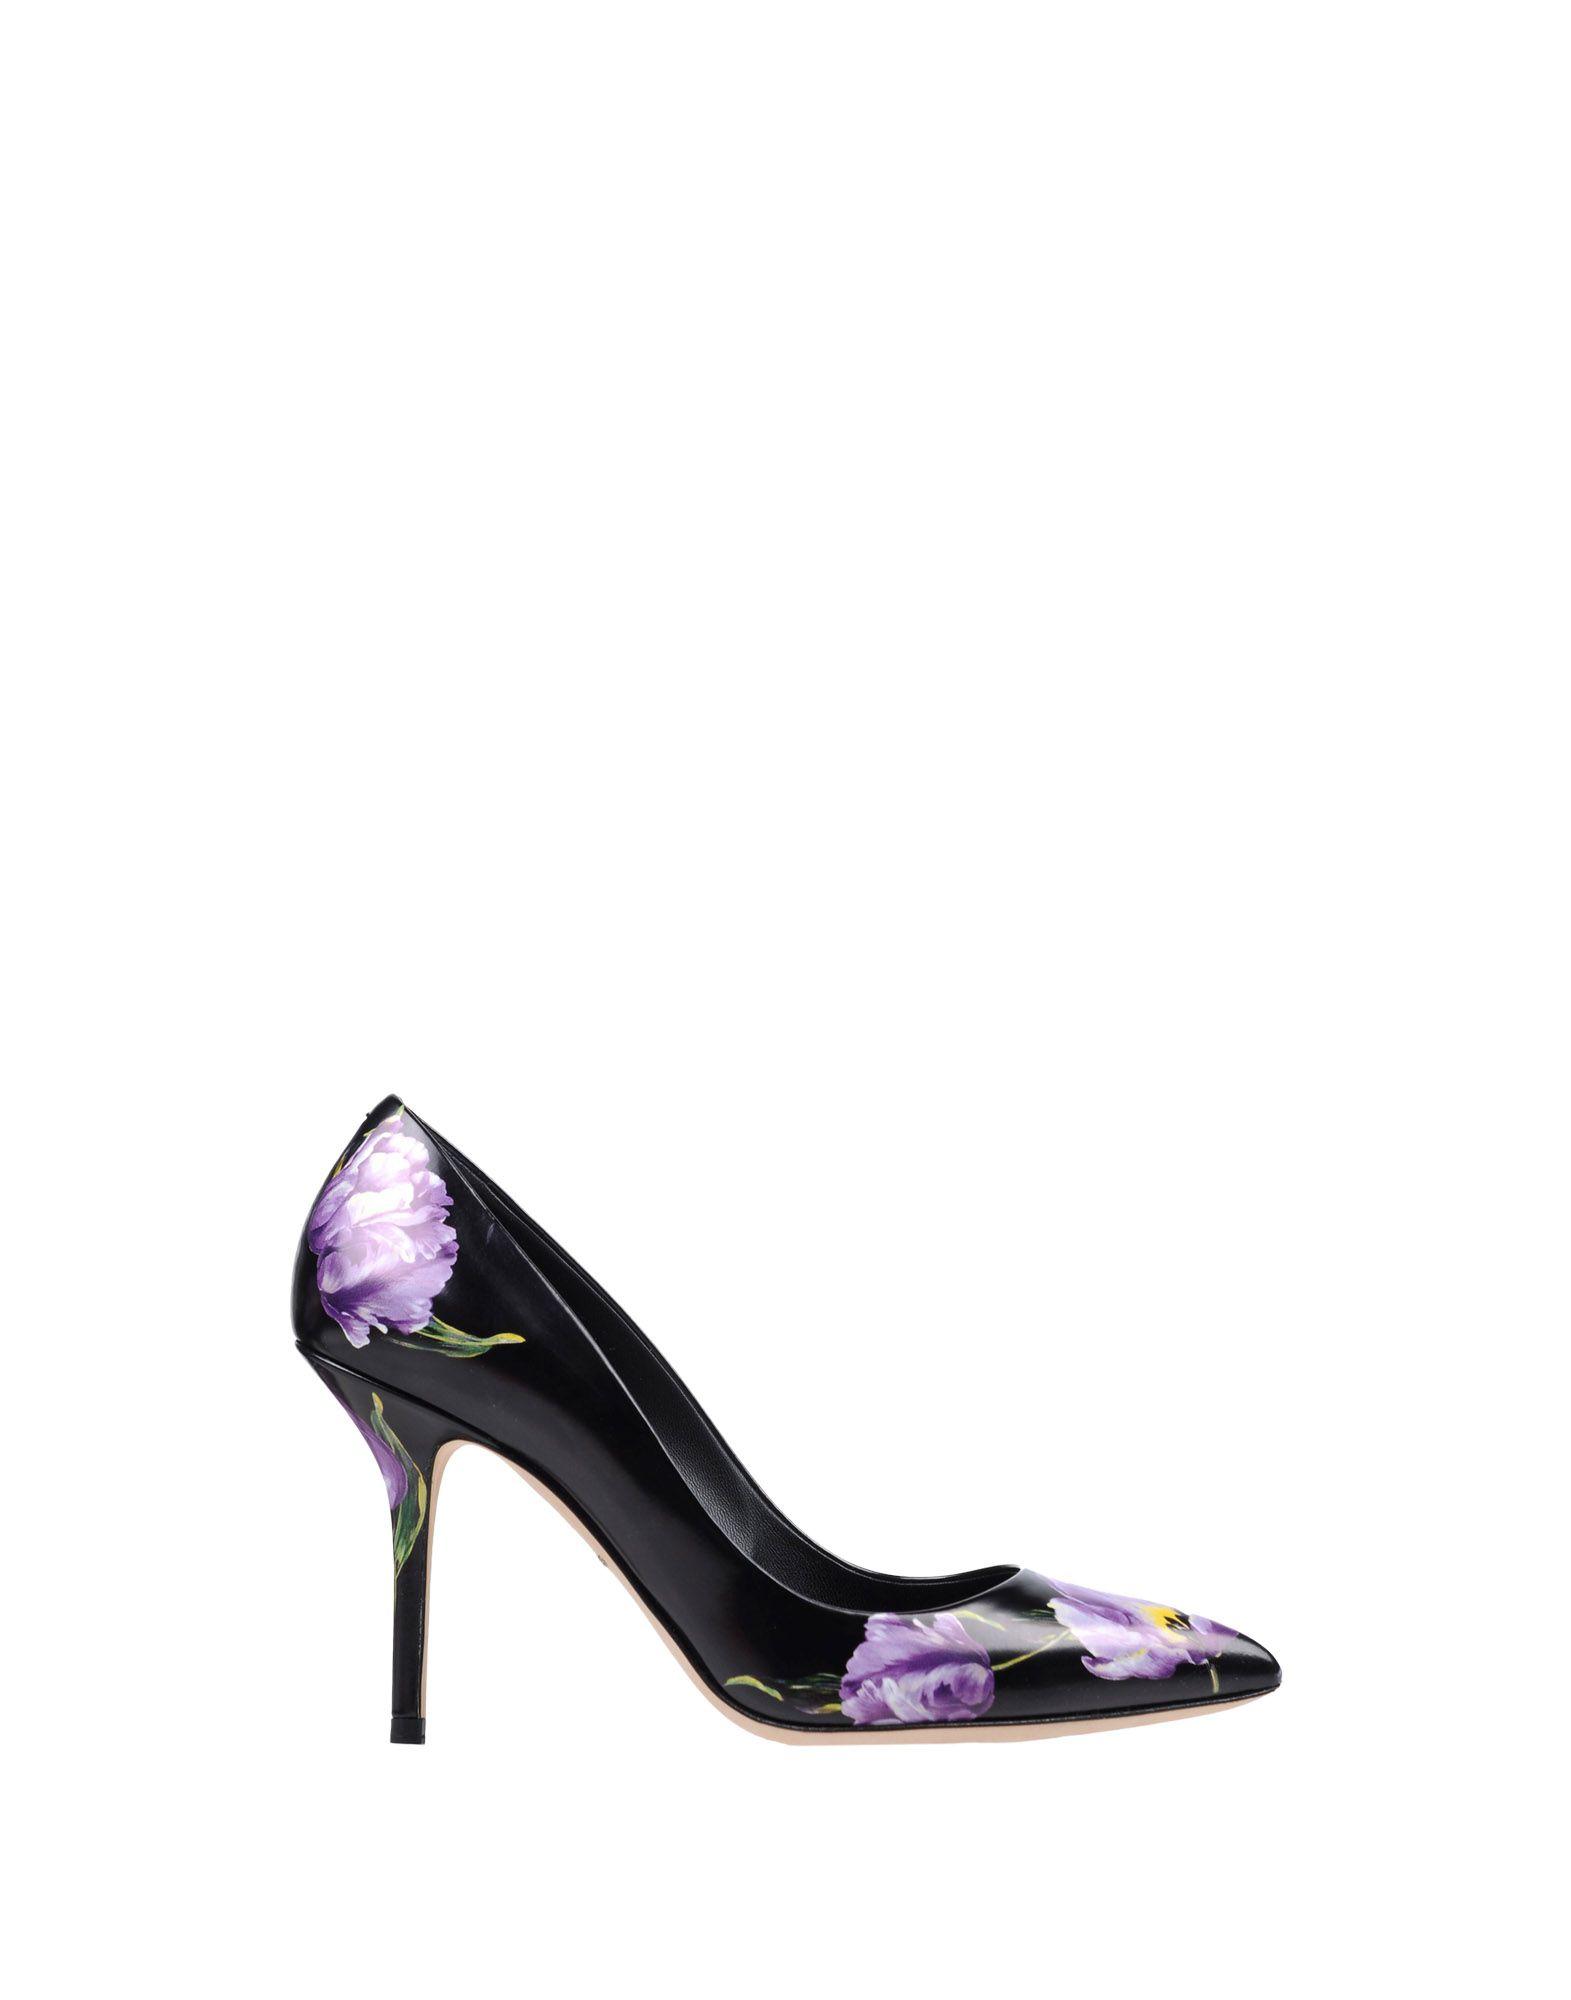 Dolce & Gabbana Pumps Damen Schuhe  11368685SFGünstige gut aussehende Schuhe Damen 13f40d